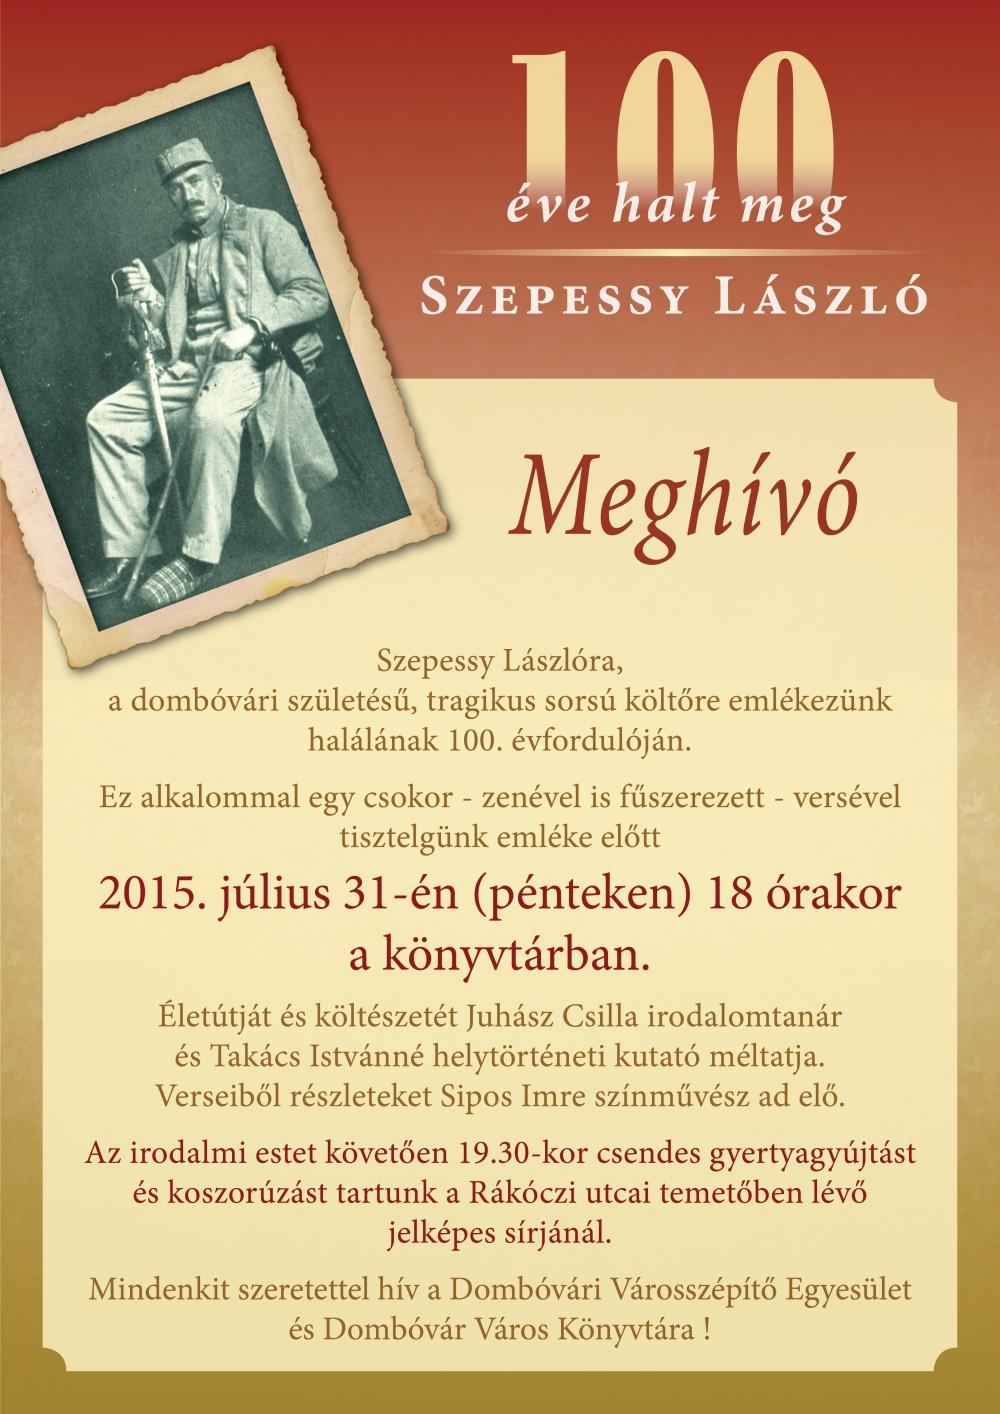 100 éve halt meg Szepessy László